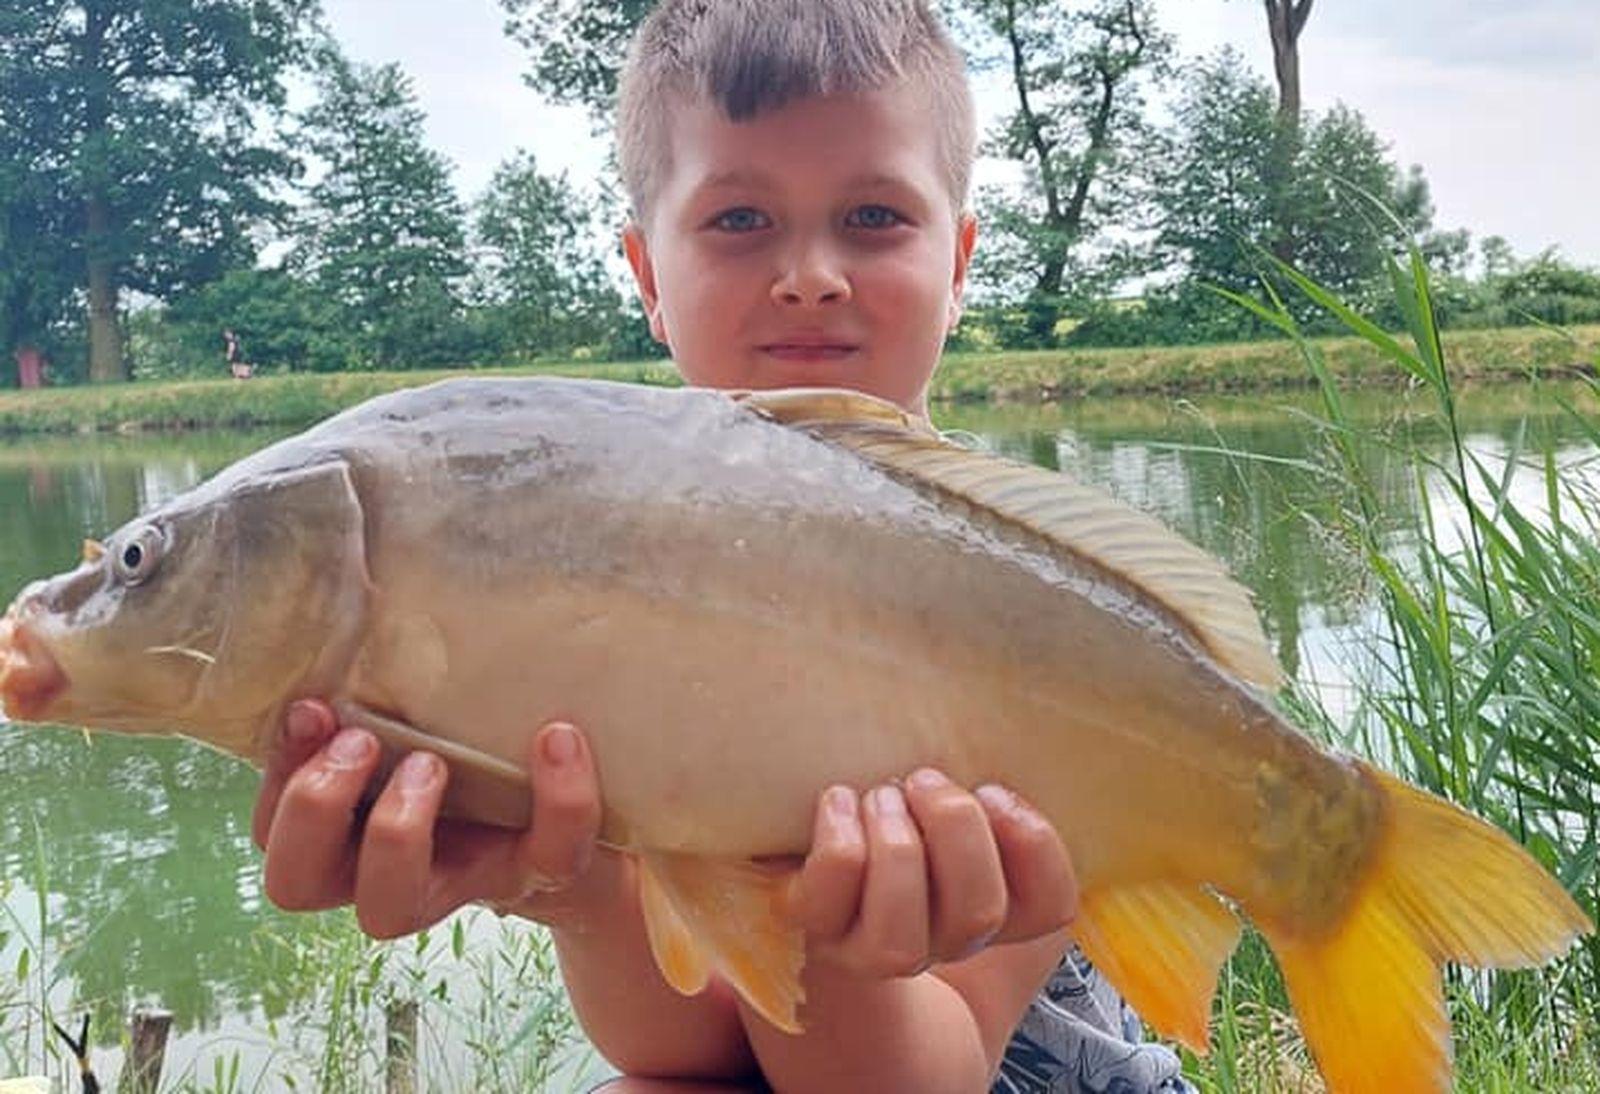 Gmina Dobrzyca. Trzebowa. Młodzi wędkarze złapali taaaakie ryby! [ZDJĘCIA] - Zdjęcie główne